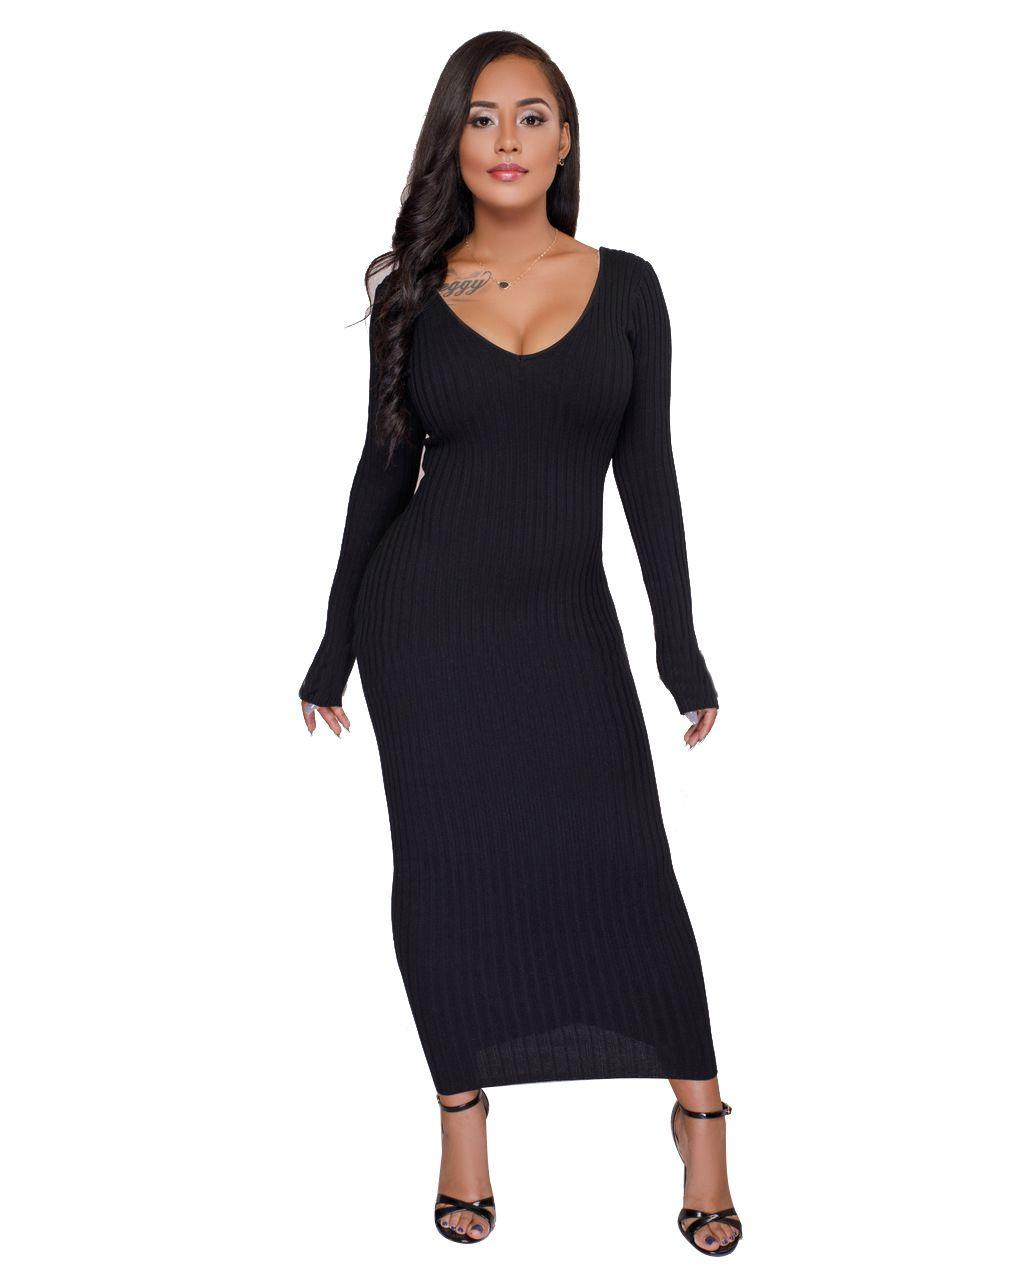 Atemberaubend Cocktail Kleid Für Frauen Plus Size Ideen ...